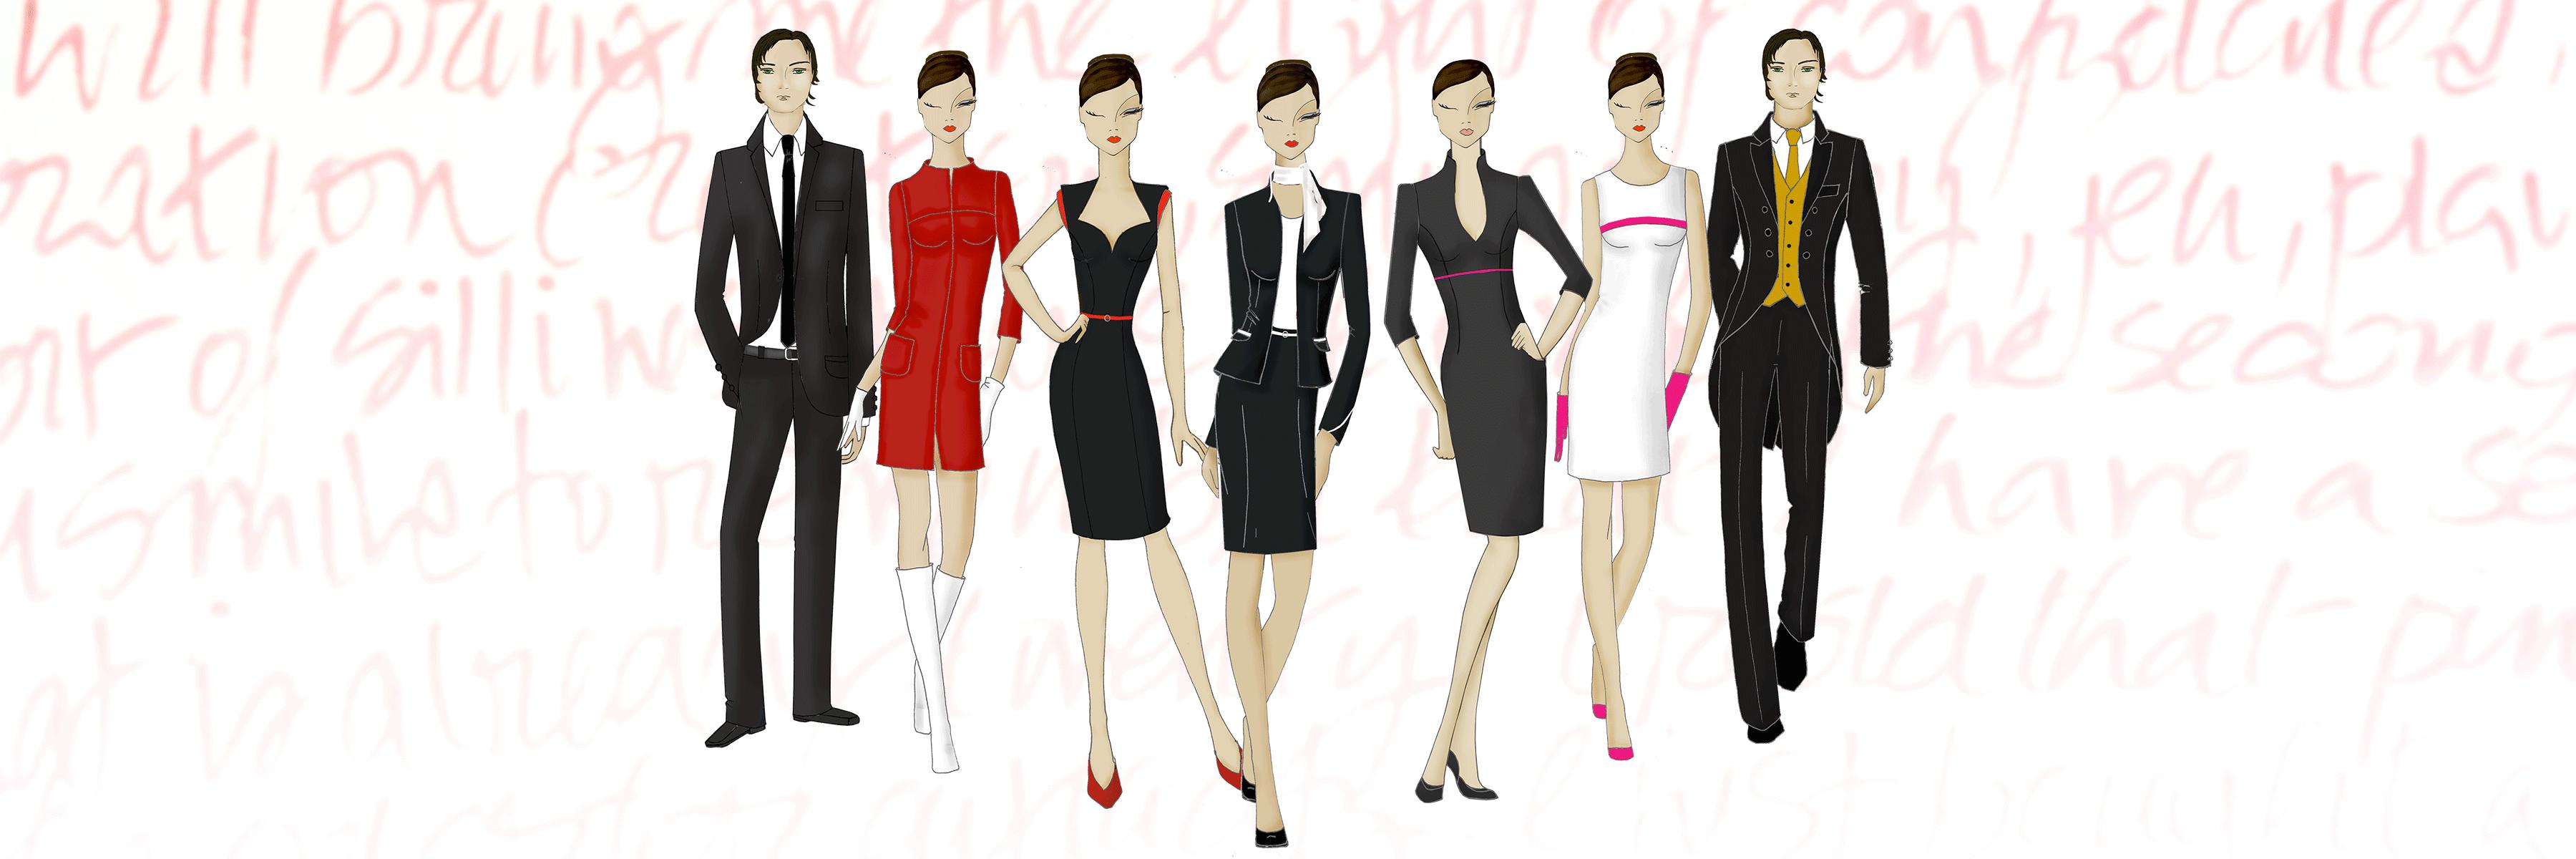 Veoma & Co, Bureau de style